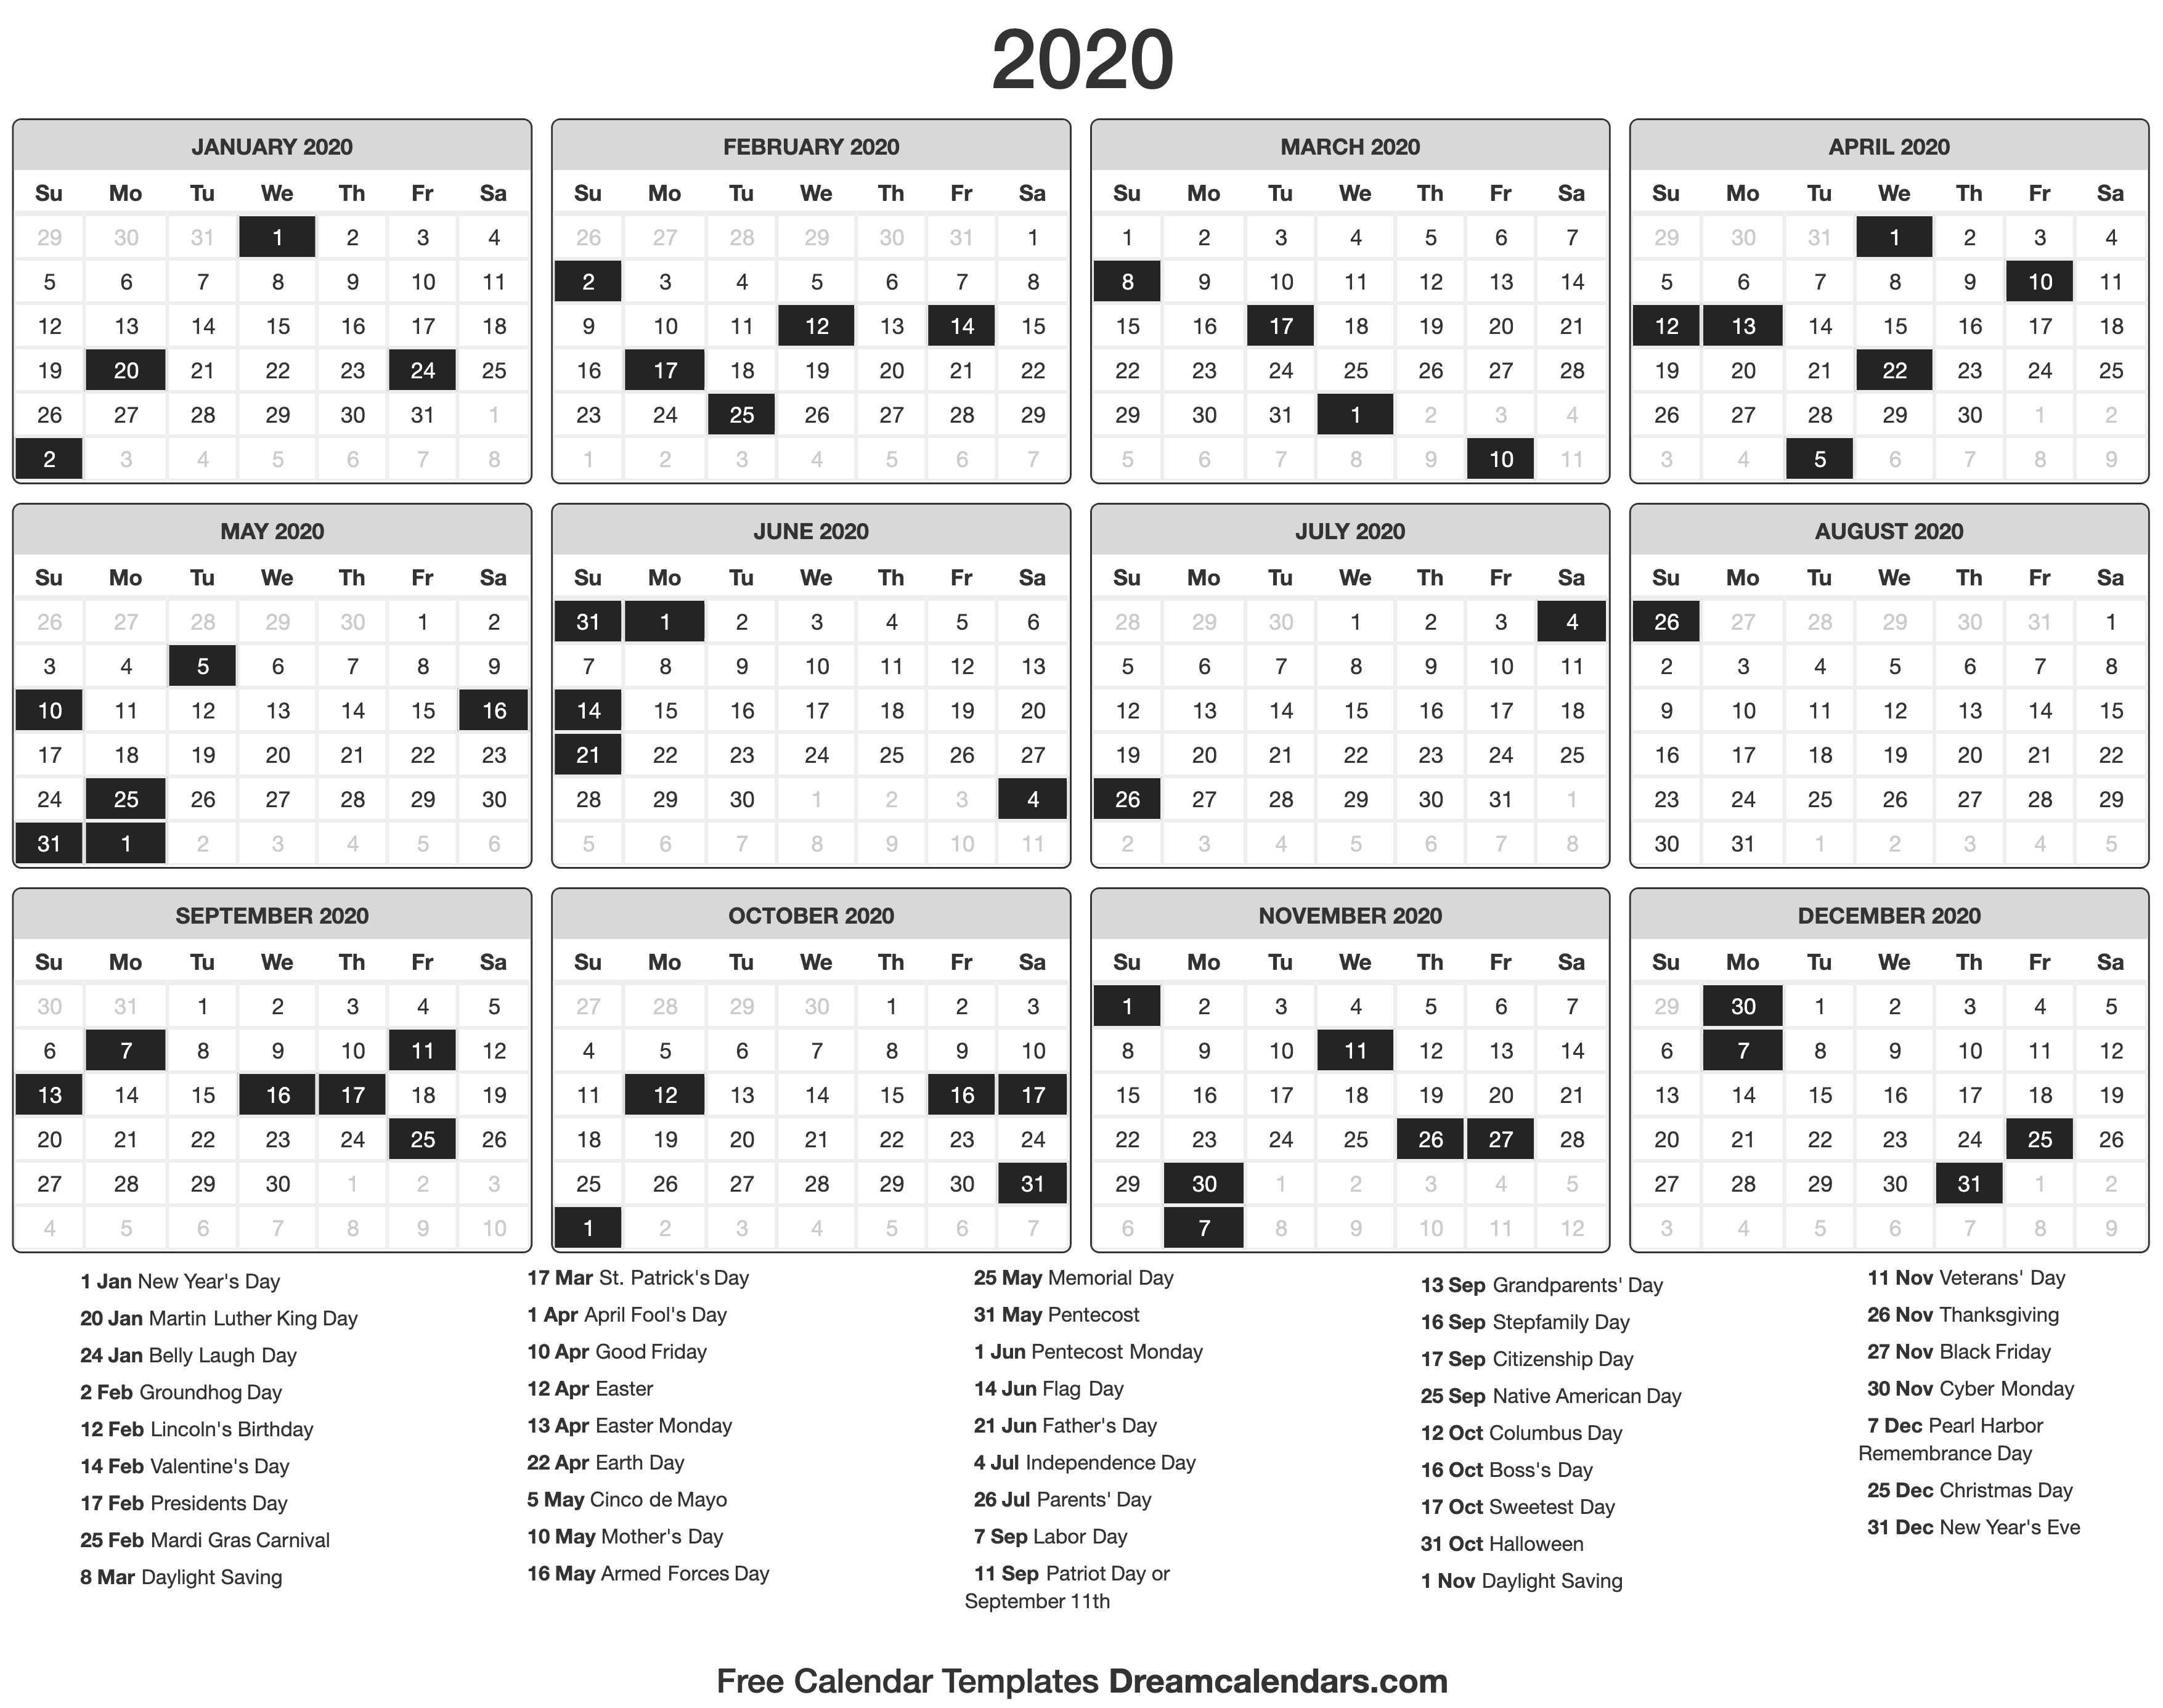 Printable 2020 Calendar - Dream Calendars-Calendar 2020 Printable Holidays Special